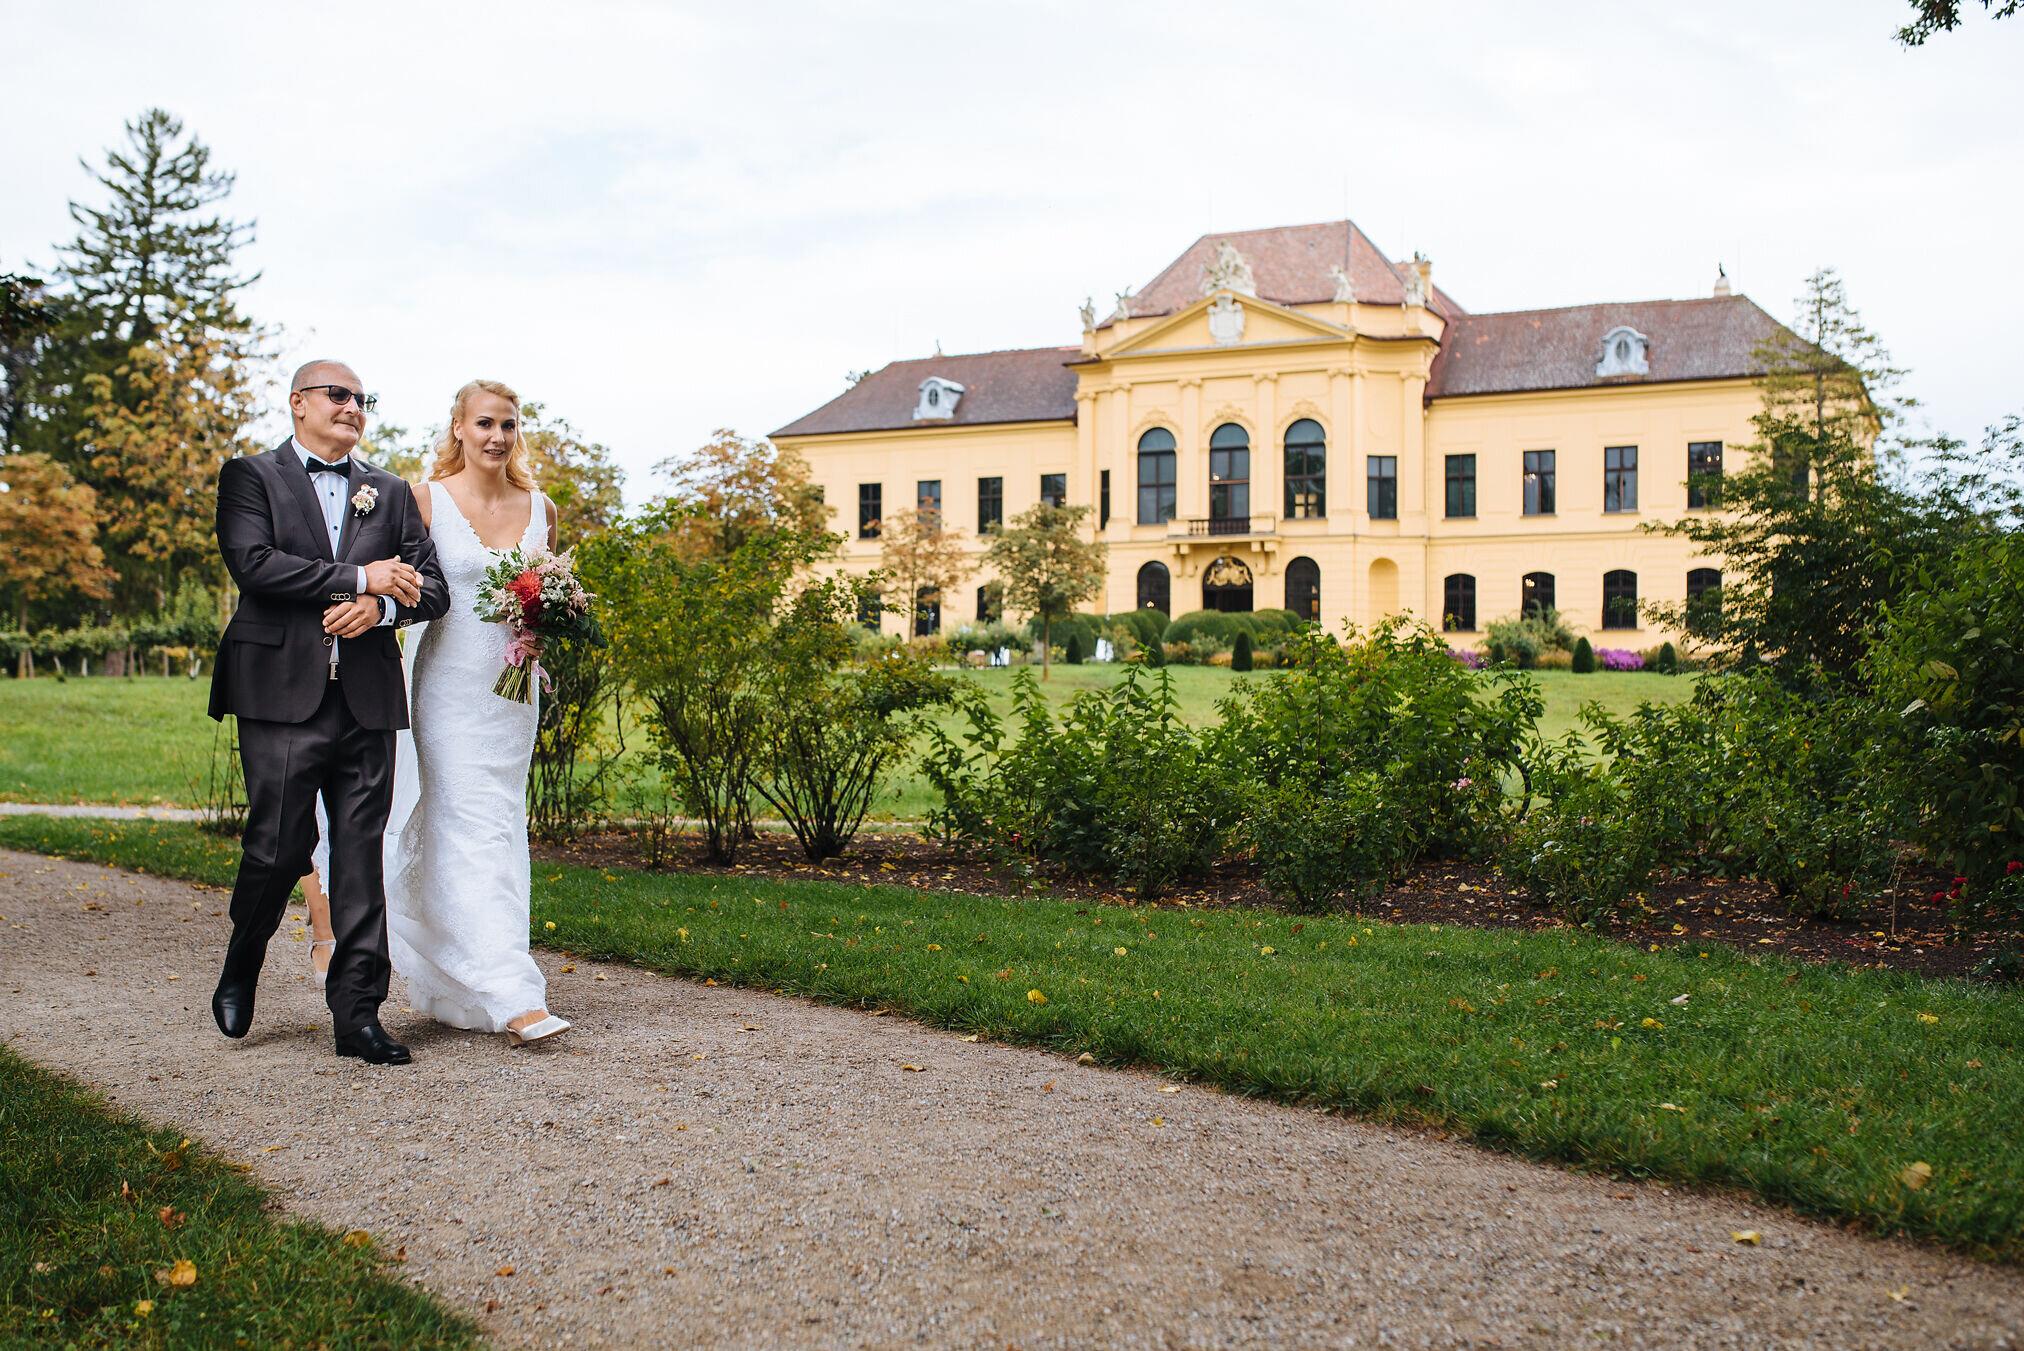 Hochzeit-Schloss-Eckartsau-51.jpg